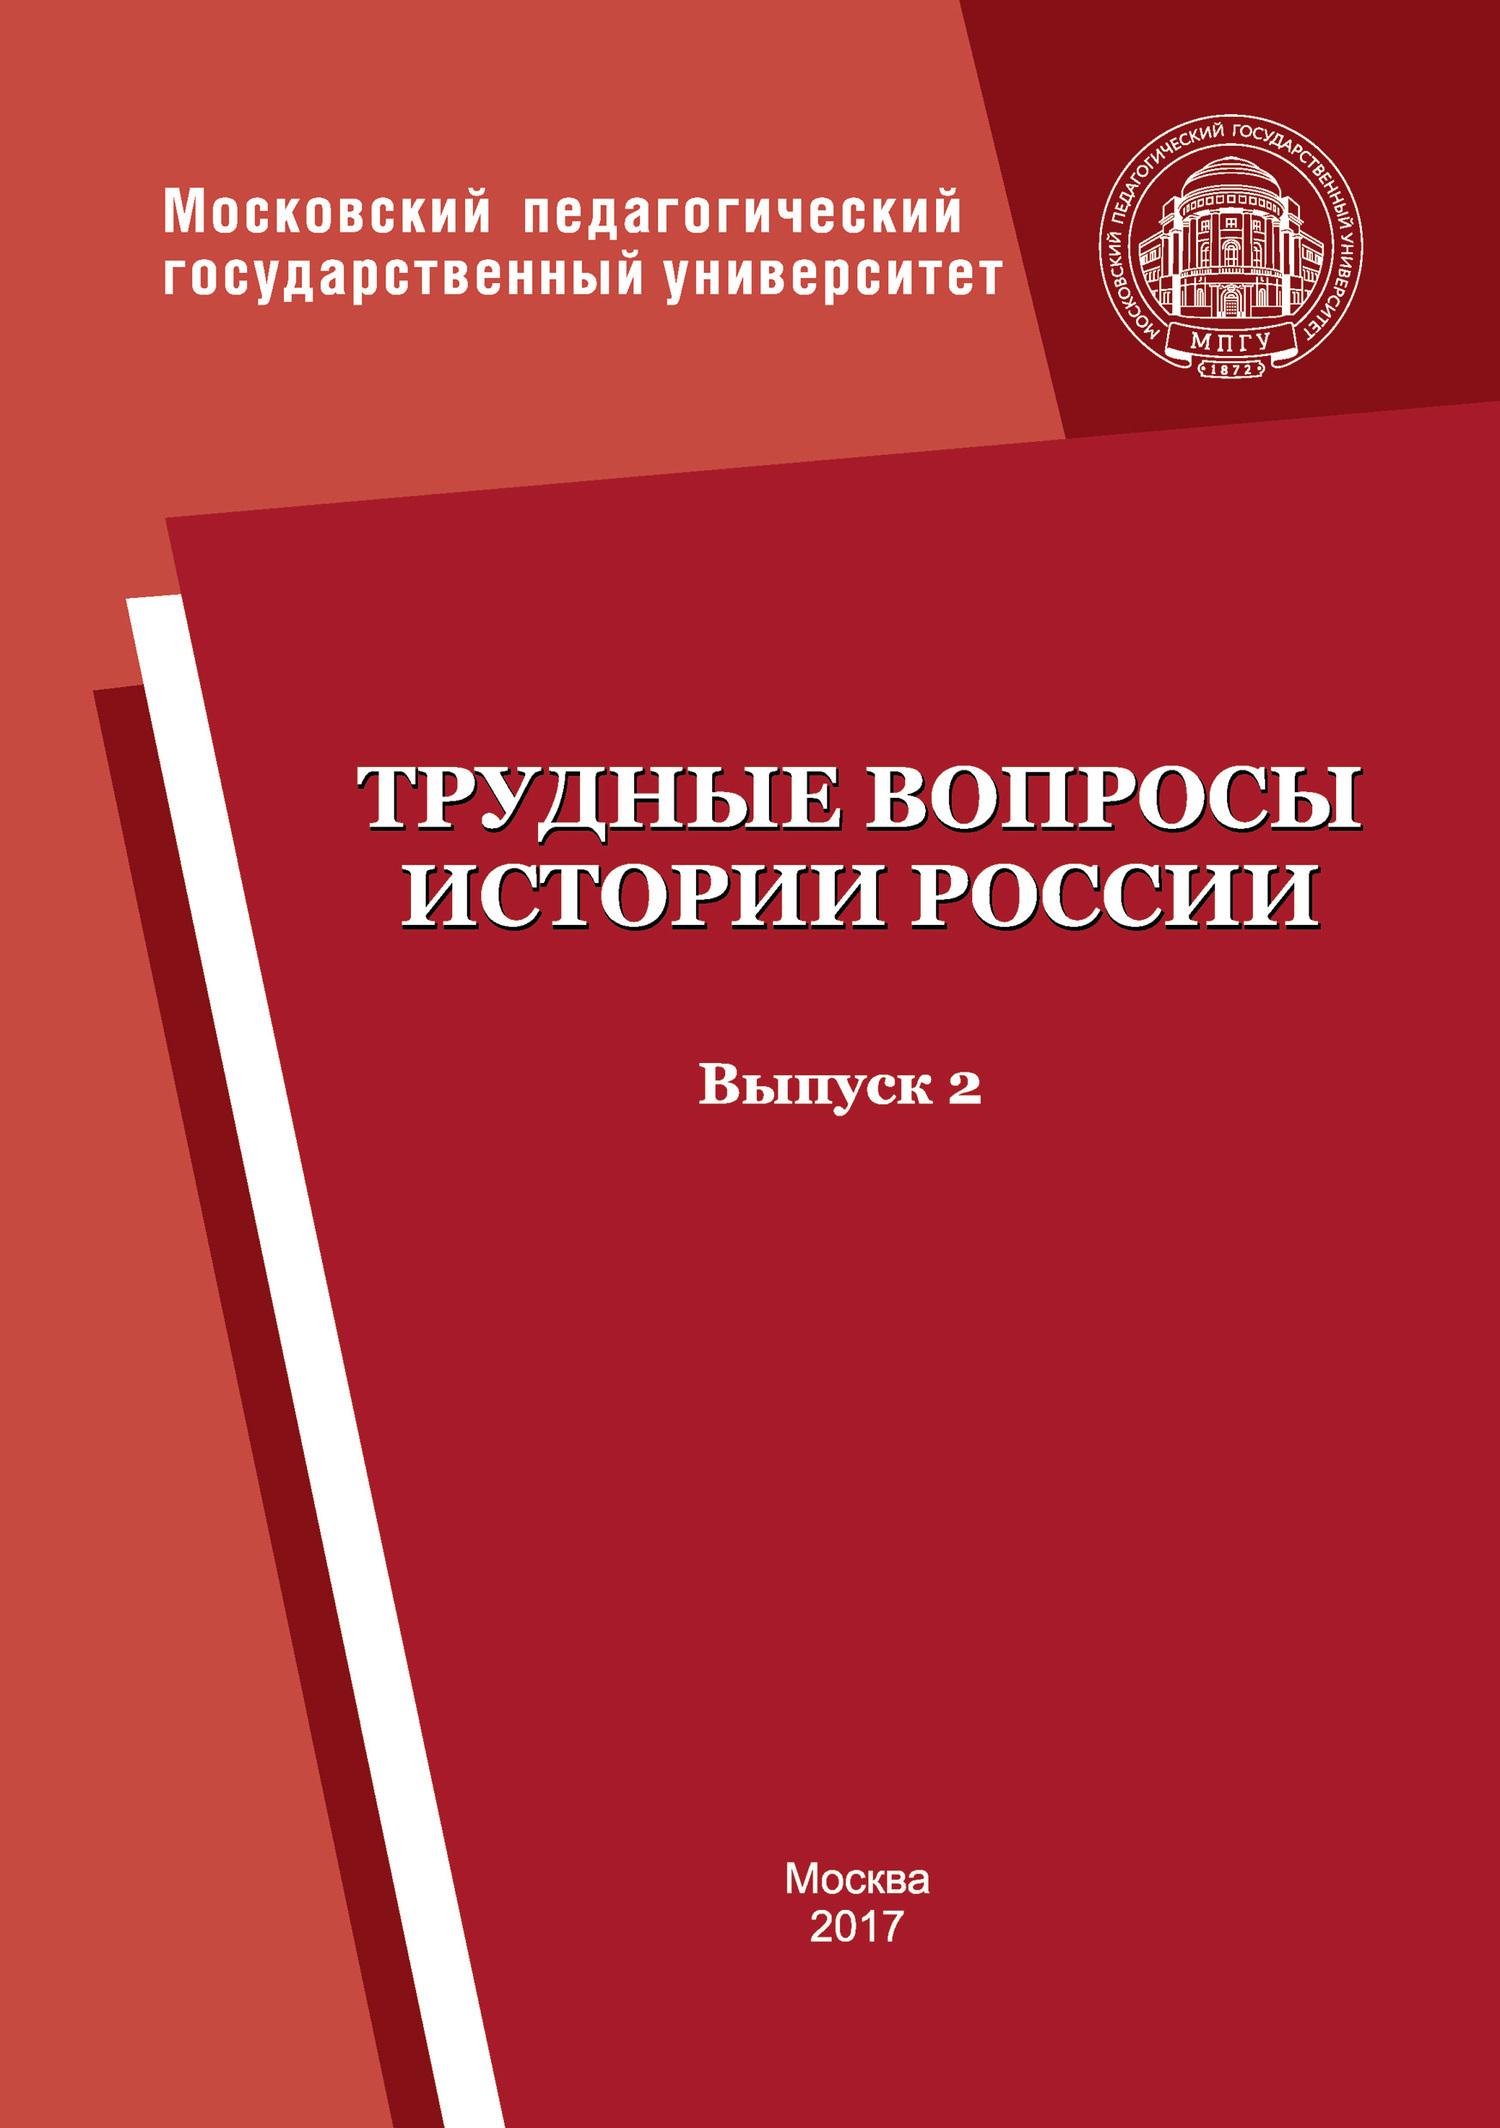 Коллектив авторов - Трудные вопросы истории России. Выпуск 2